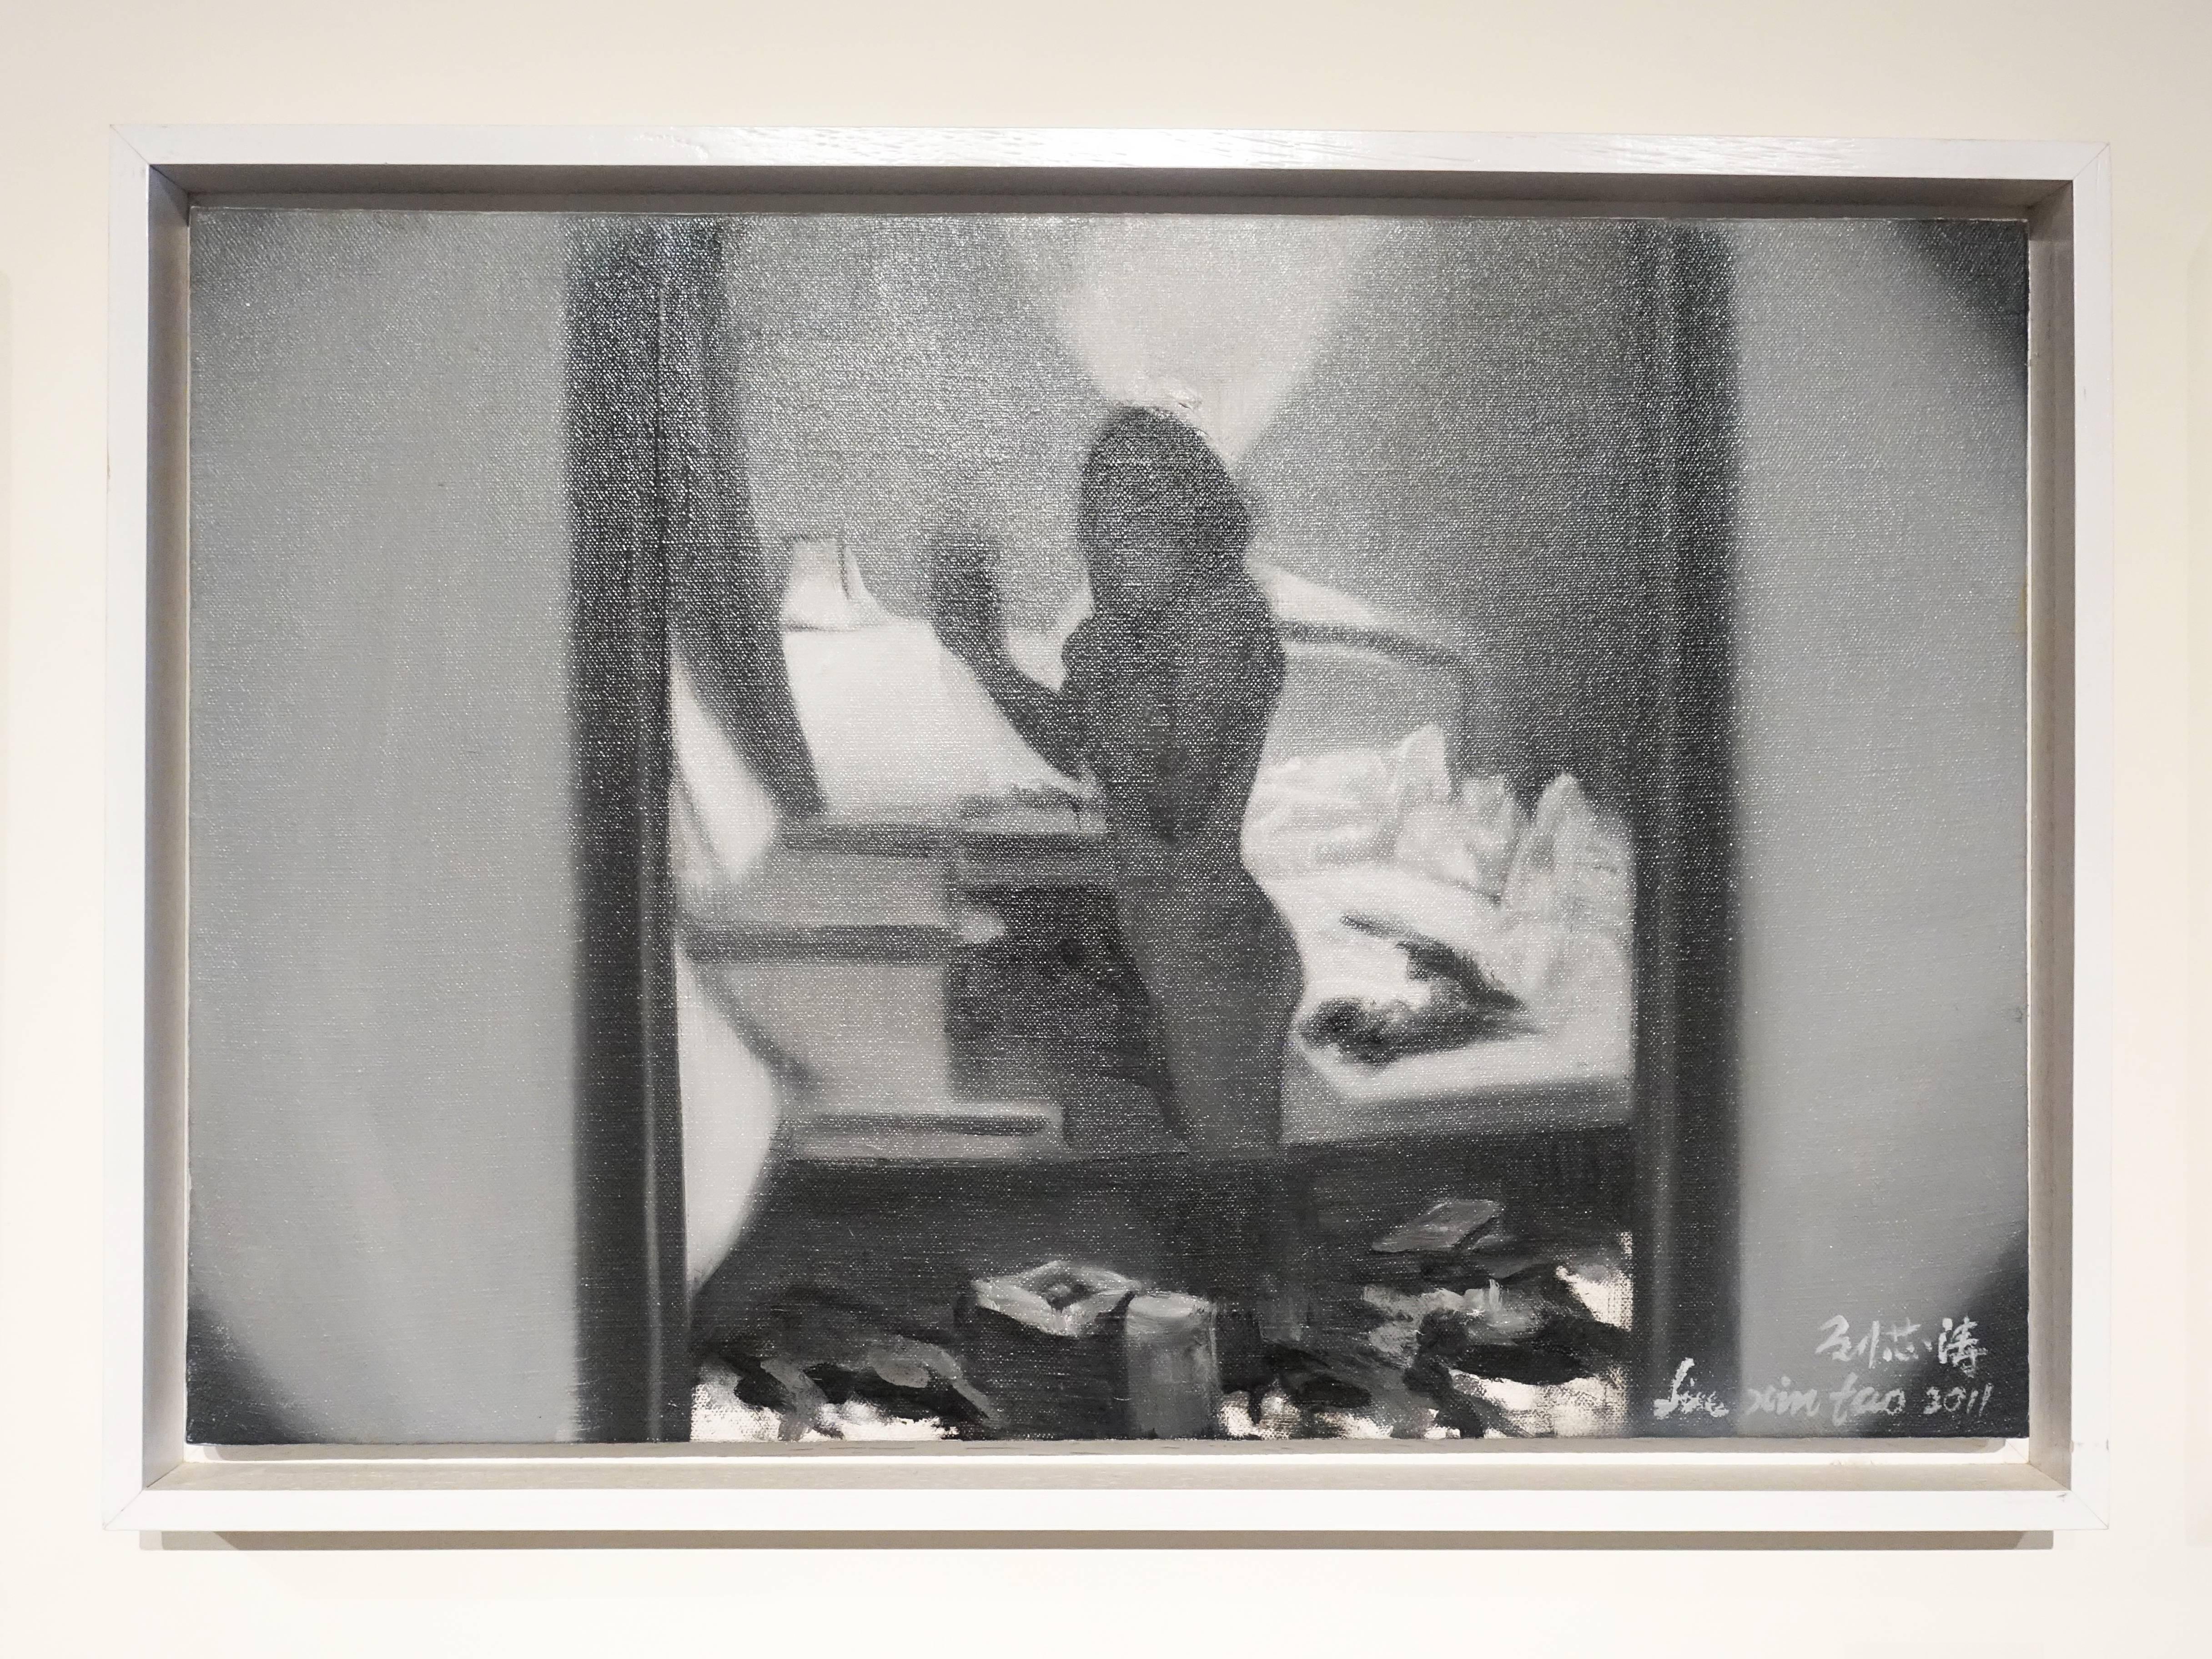 劉芯濤,《2010作品1》,60 x 40 cm,布面油畫,2017。